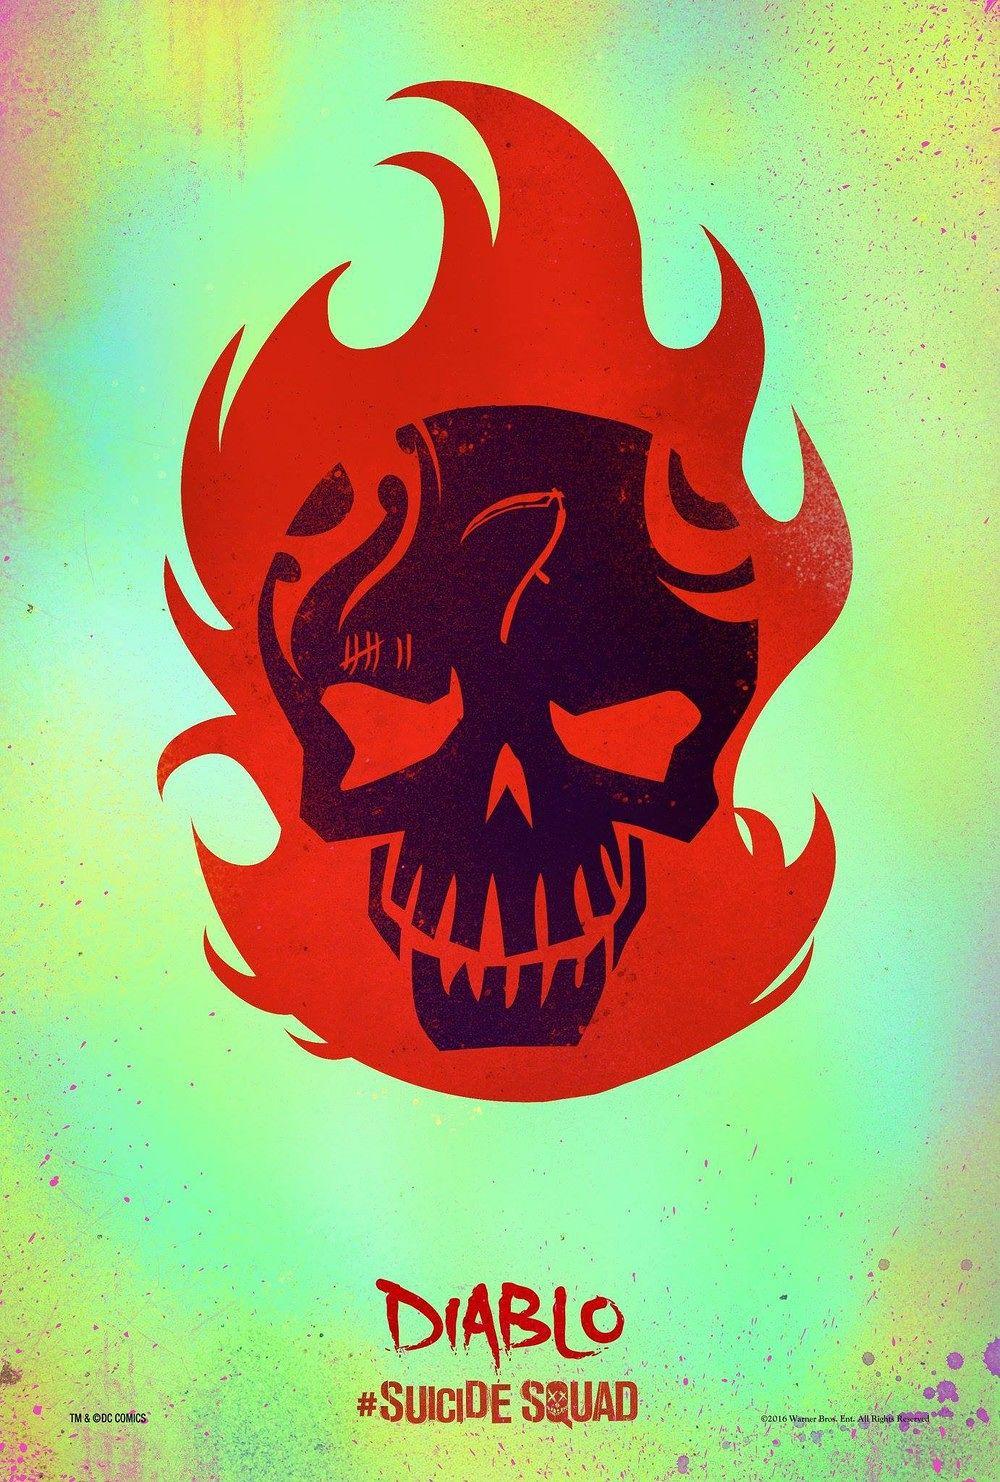 Welcome to the Suicide Squad: El Diablo